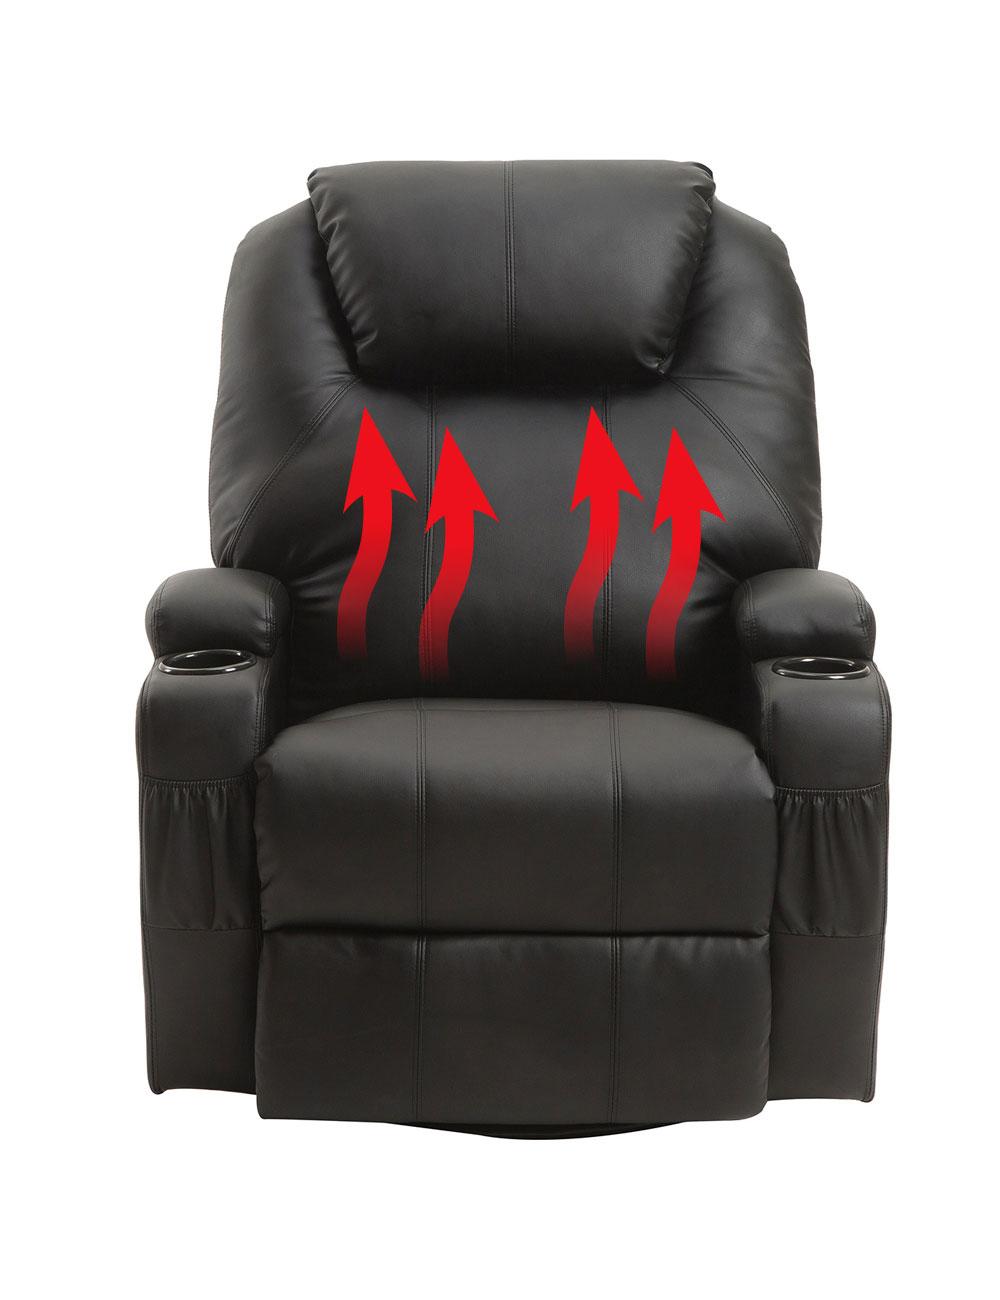 Chaise de bureau chauffante, massage ou sport, laquelle